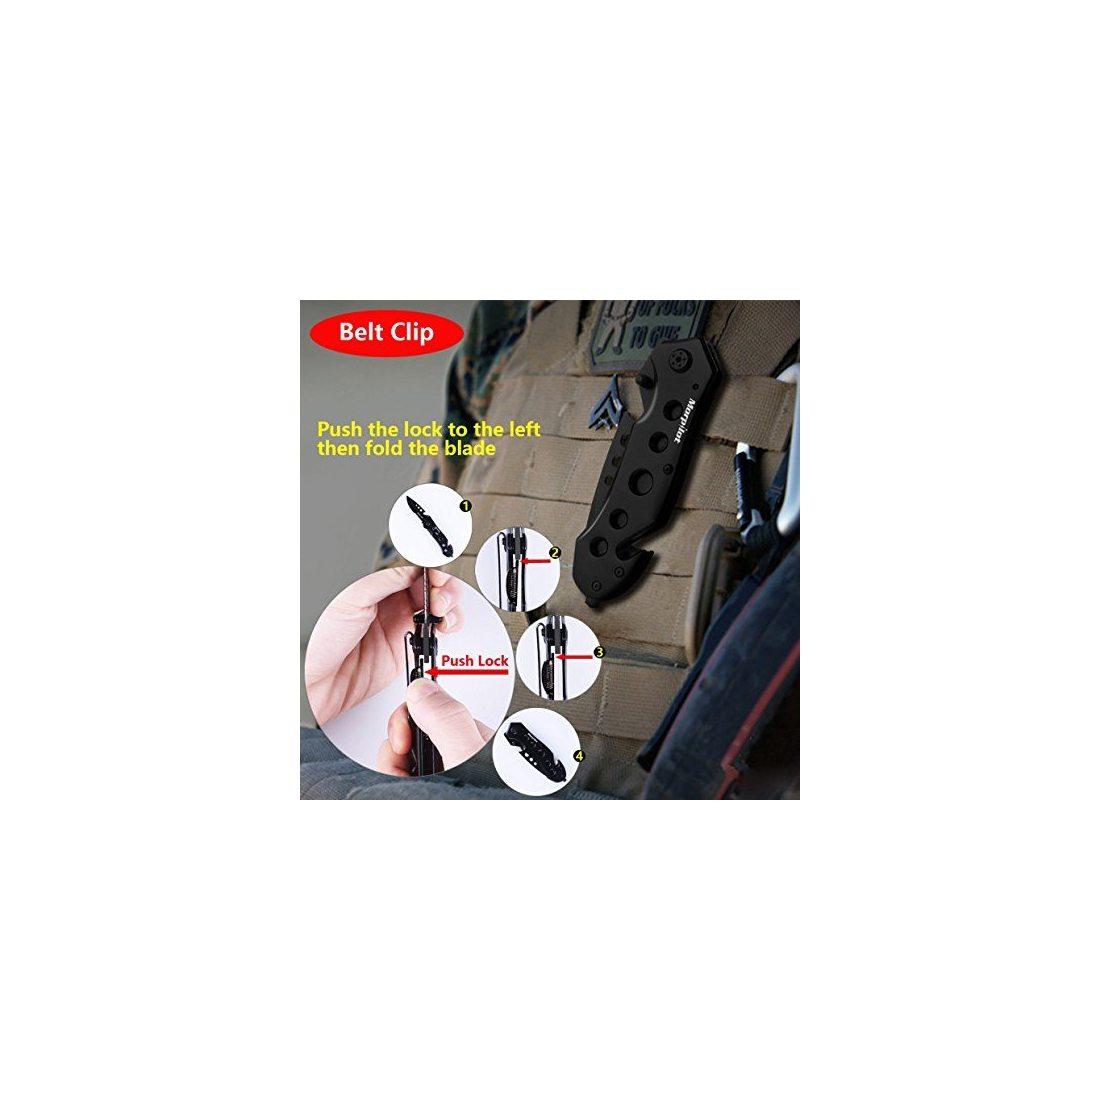 Morpilot Lampe de Poche Tactique et Couteau Tactique, 5 Mode de Luminosité Réglable, 500 LM, étanche IPX4, Couteau Multifonct